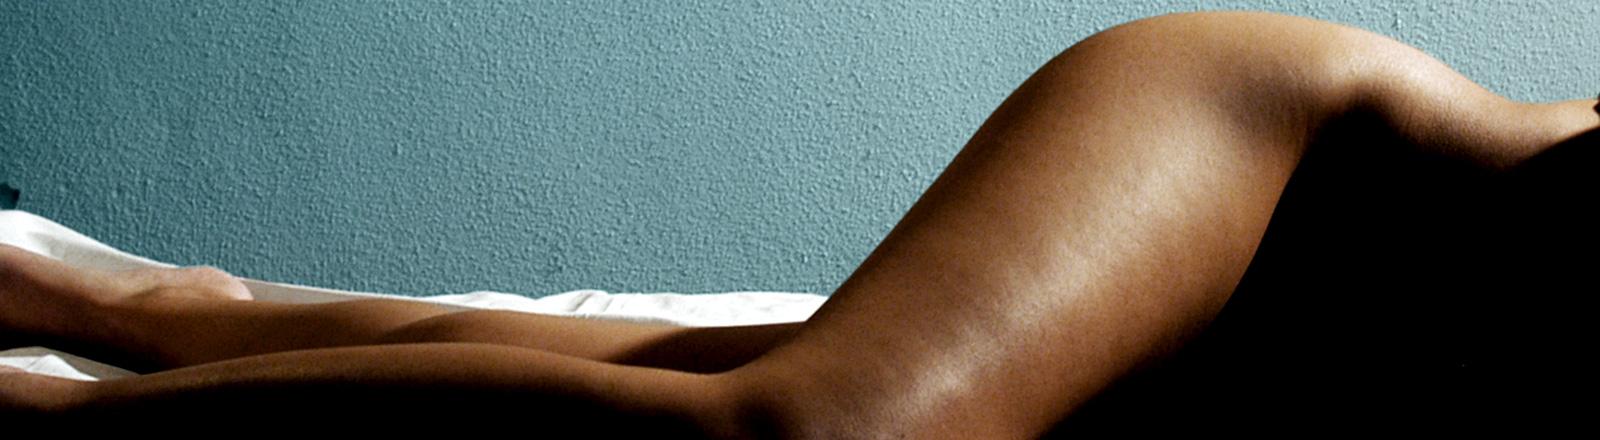 Eine Frau liegt auf der Seite, man sieht ihre Beine und Hüfte.